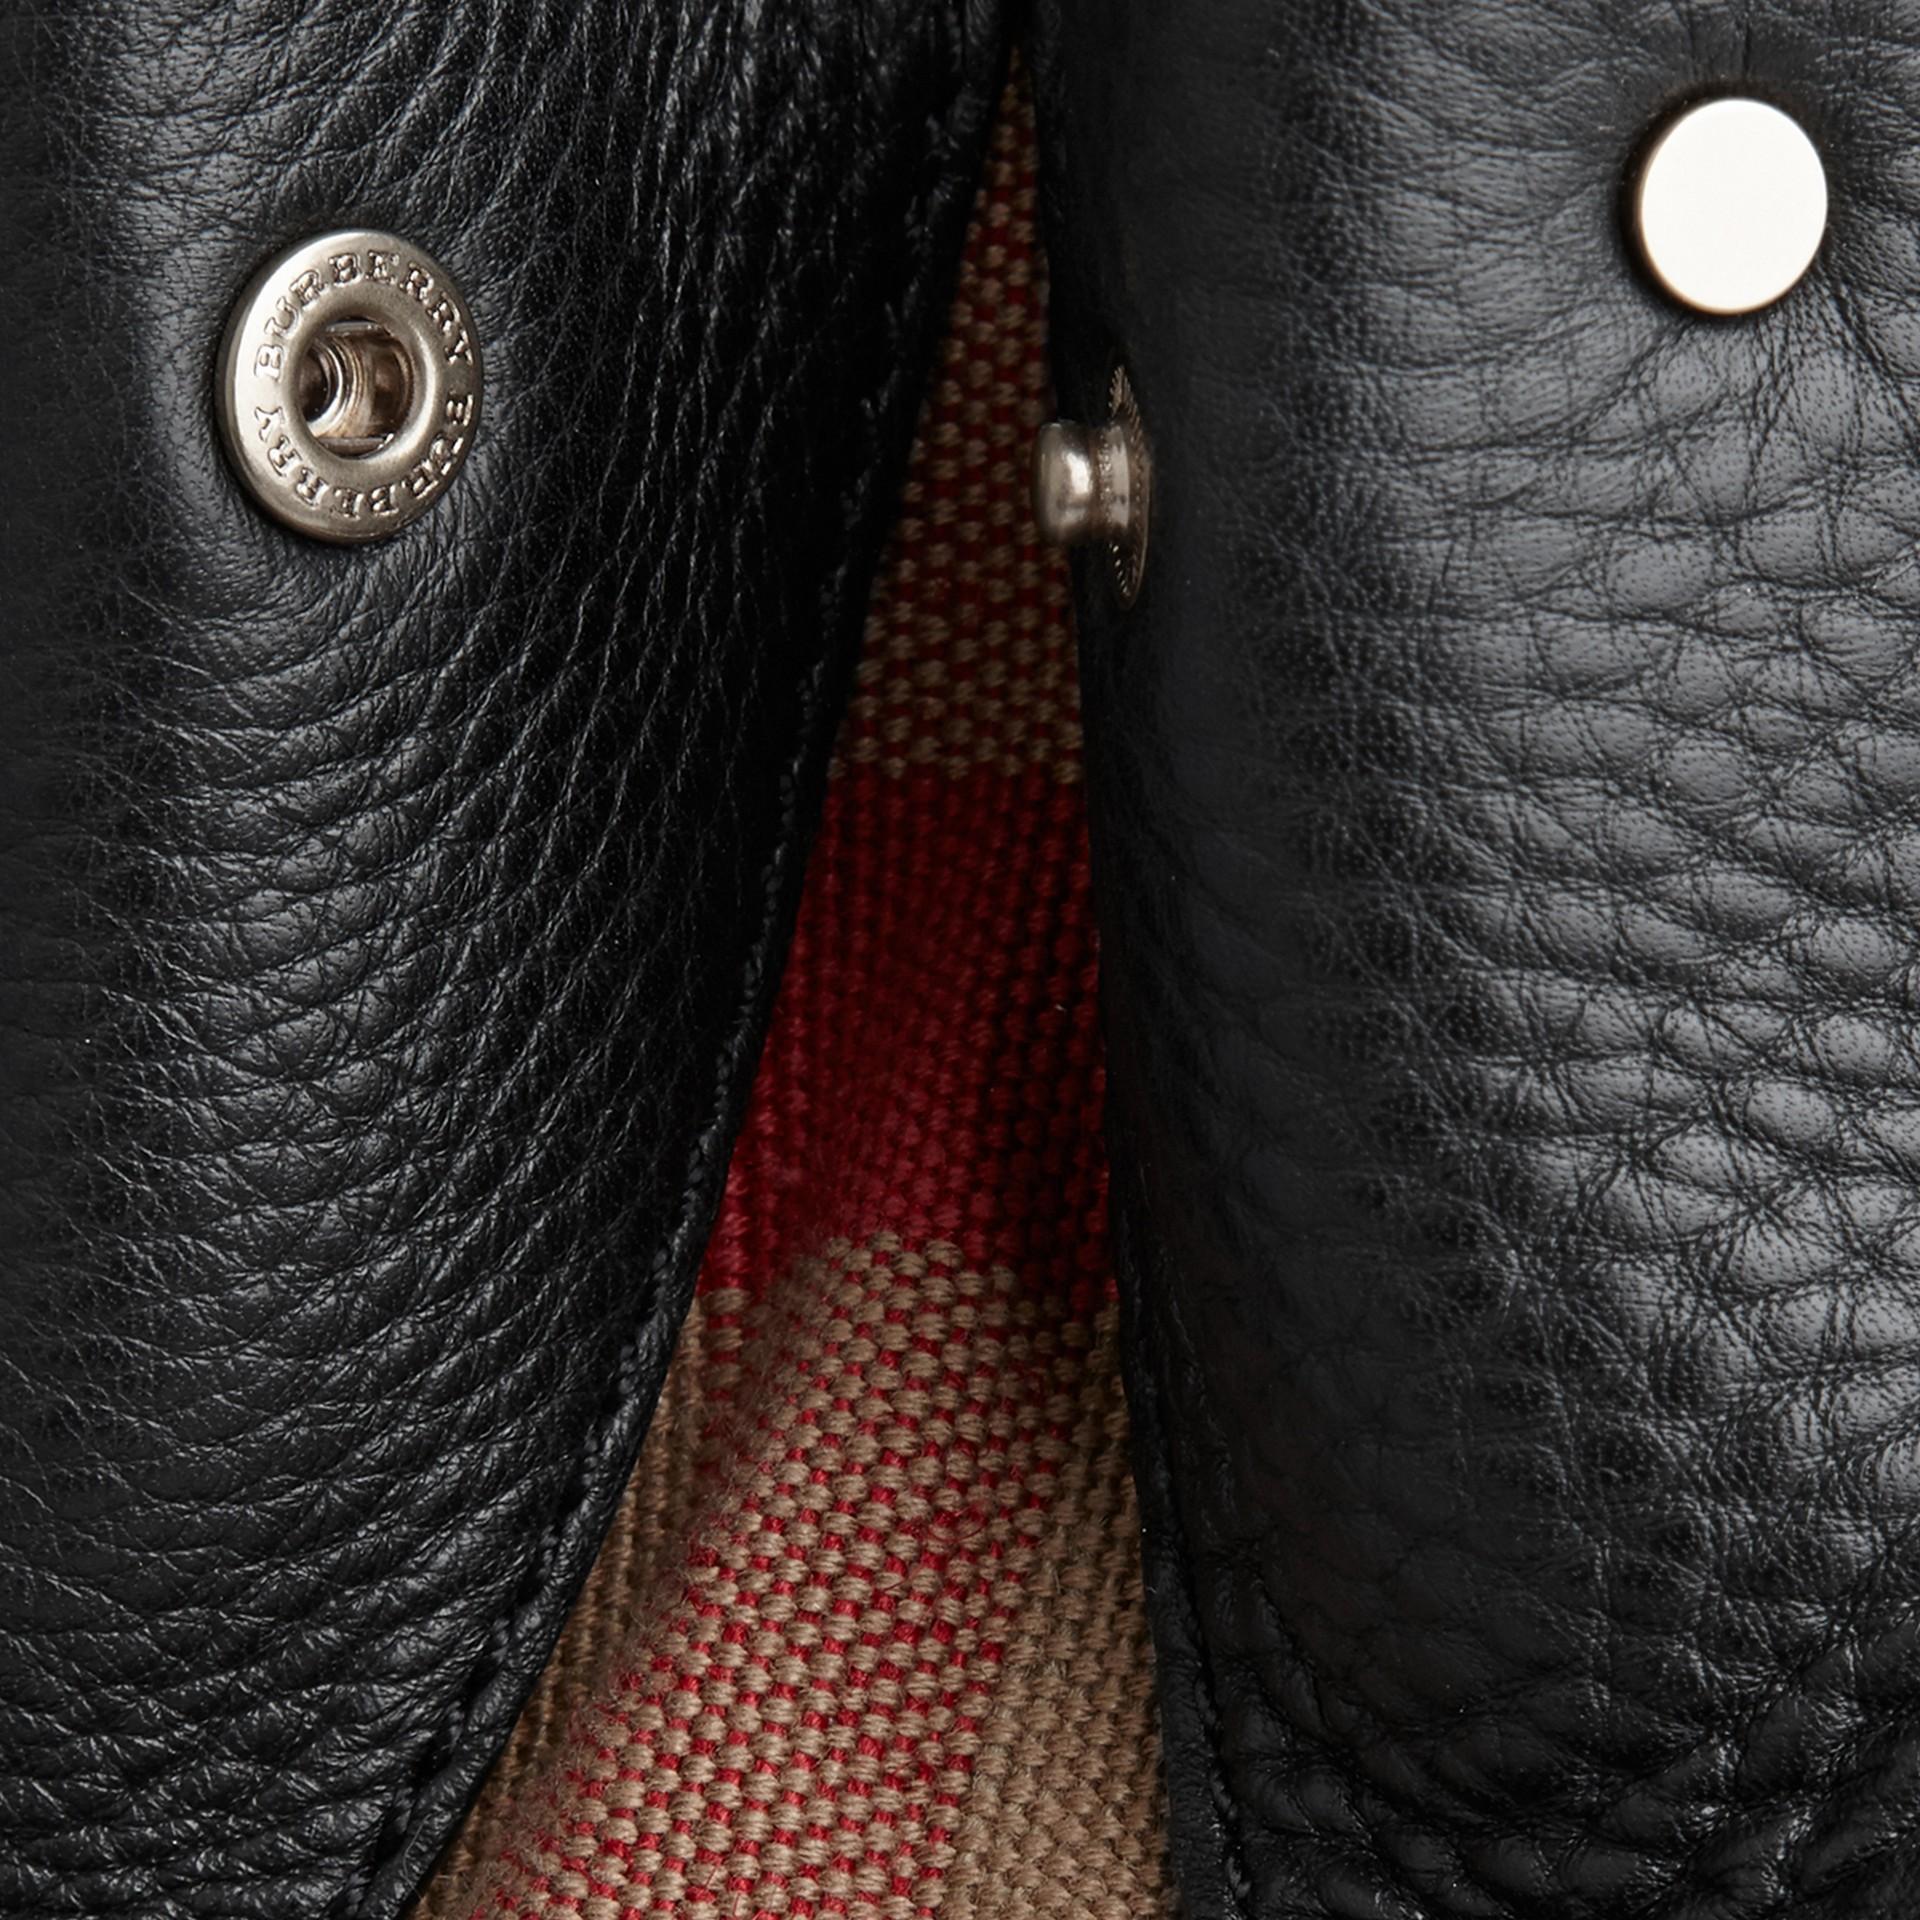 Nero Borsa tote piccola in pelle con dettaglio motivo check Nero - immagine della galleria 9